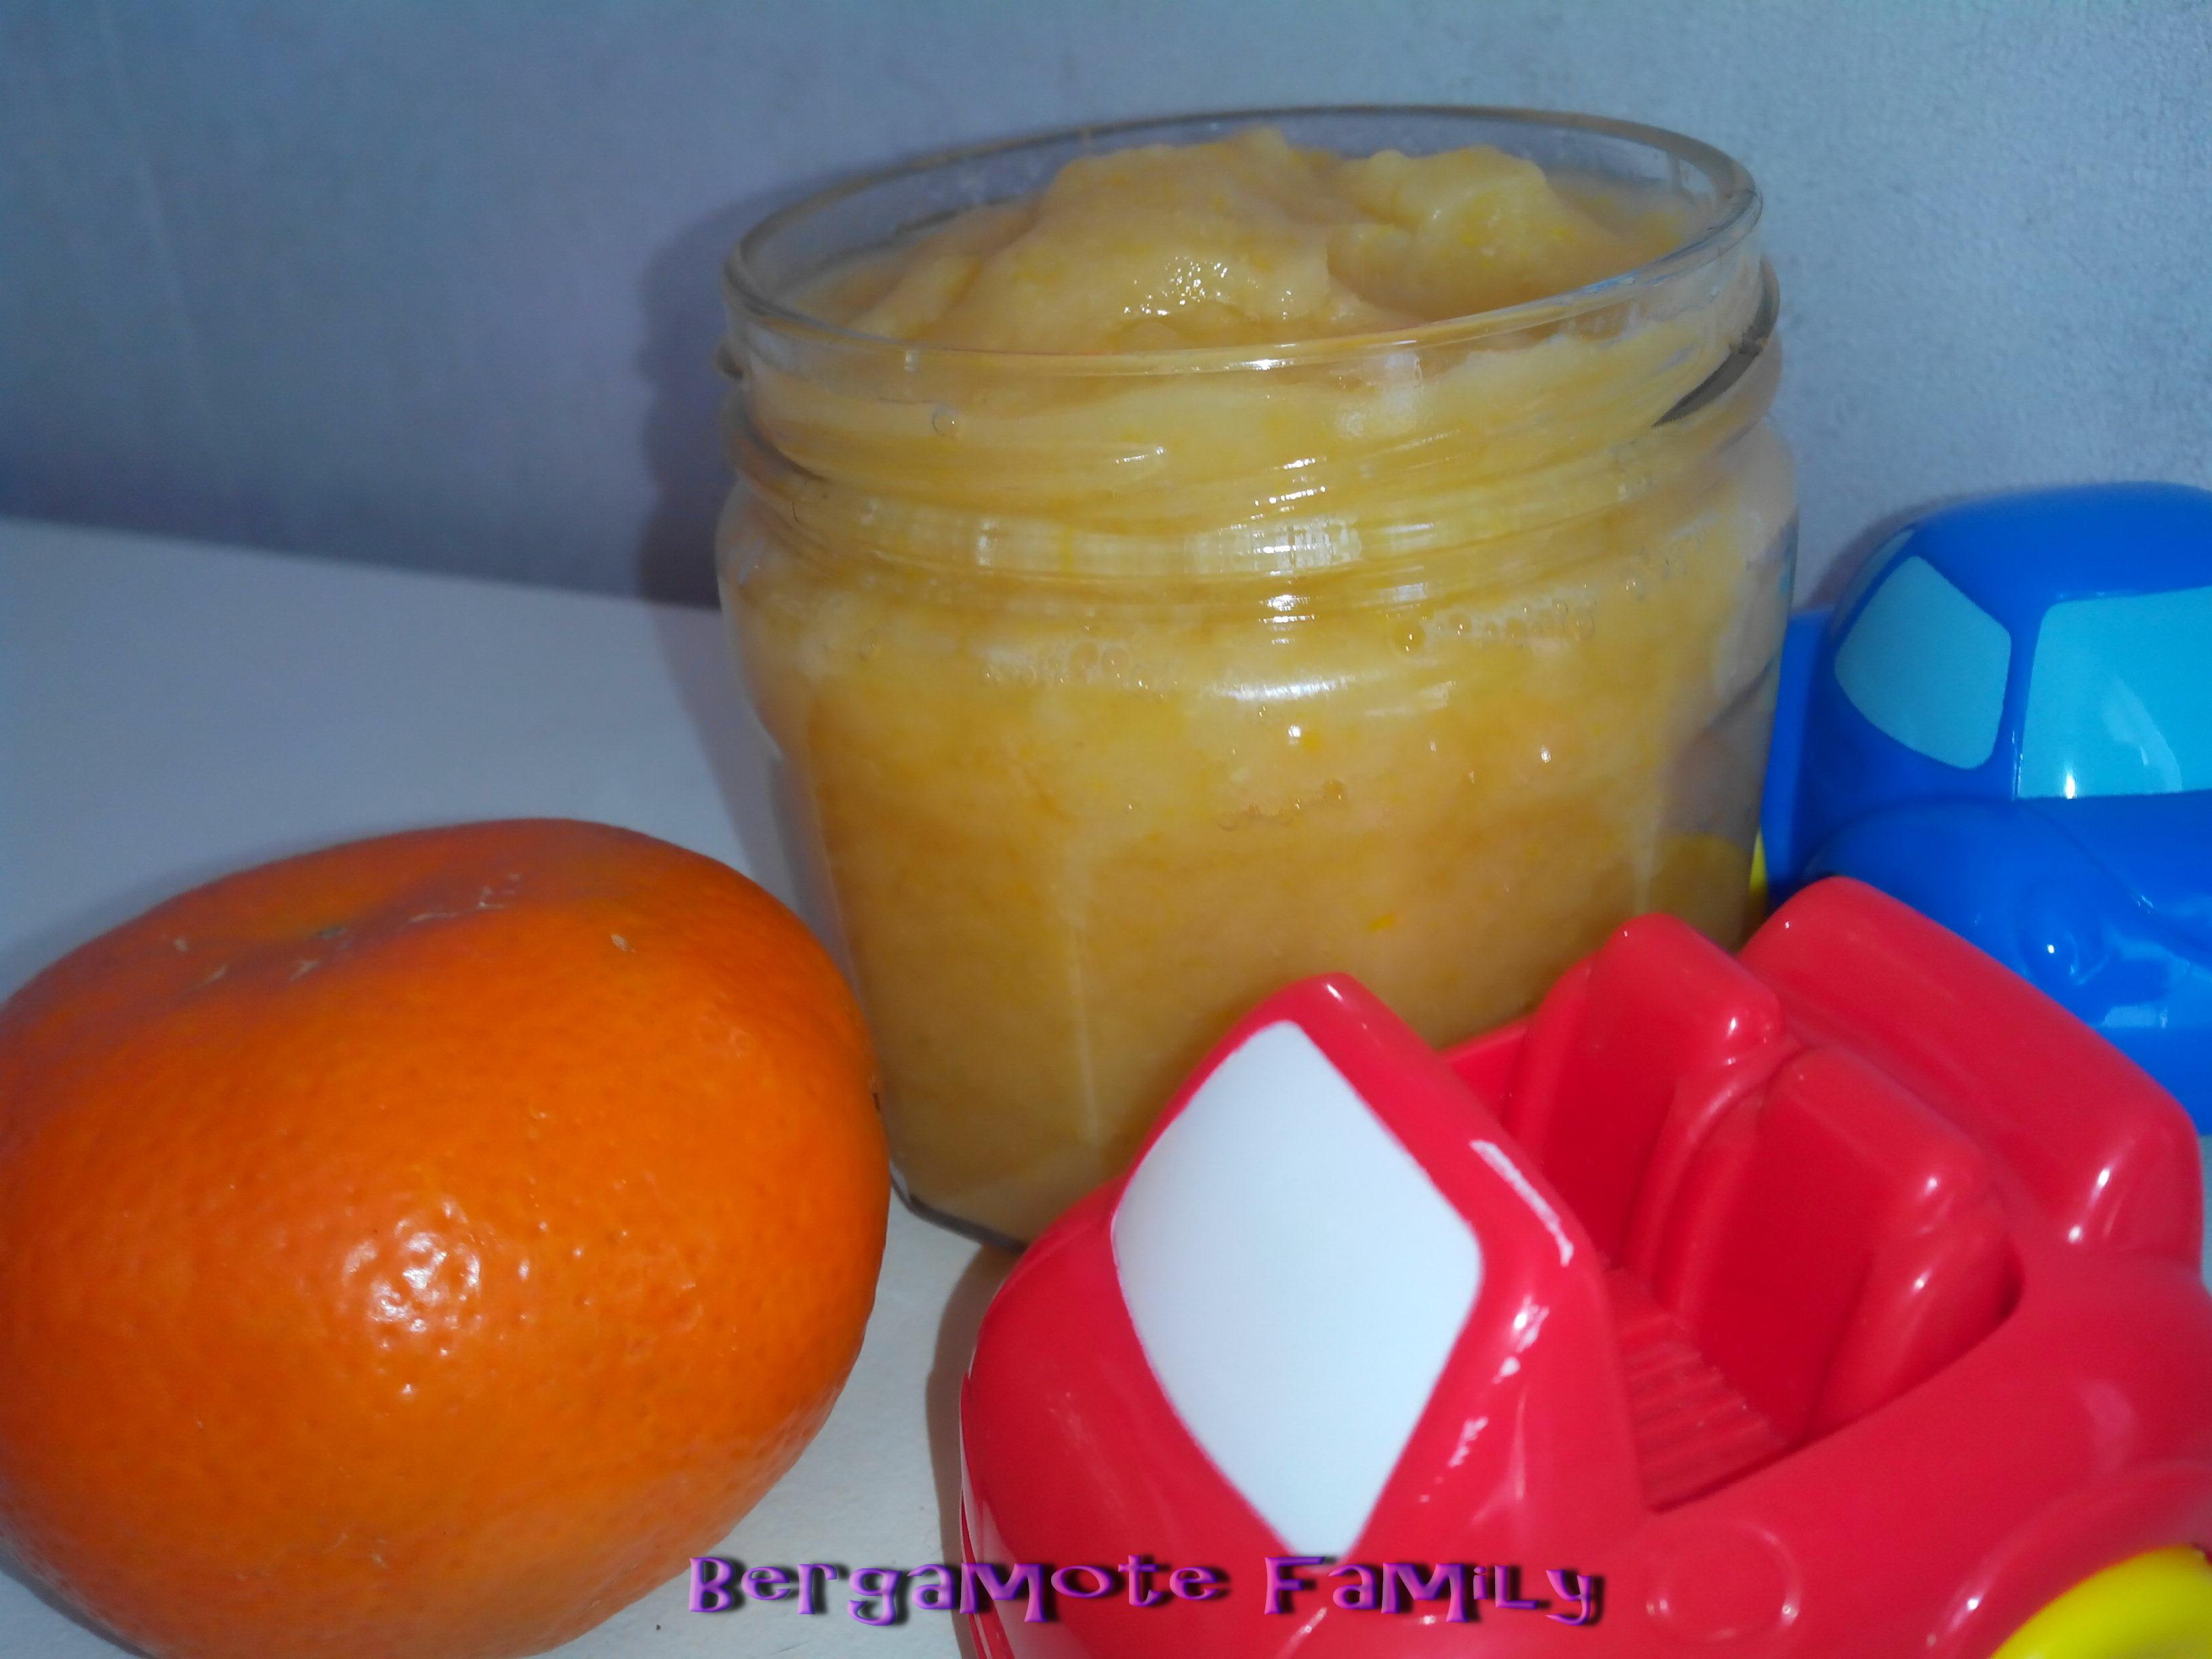 poire clementine vanille